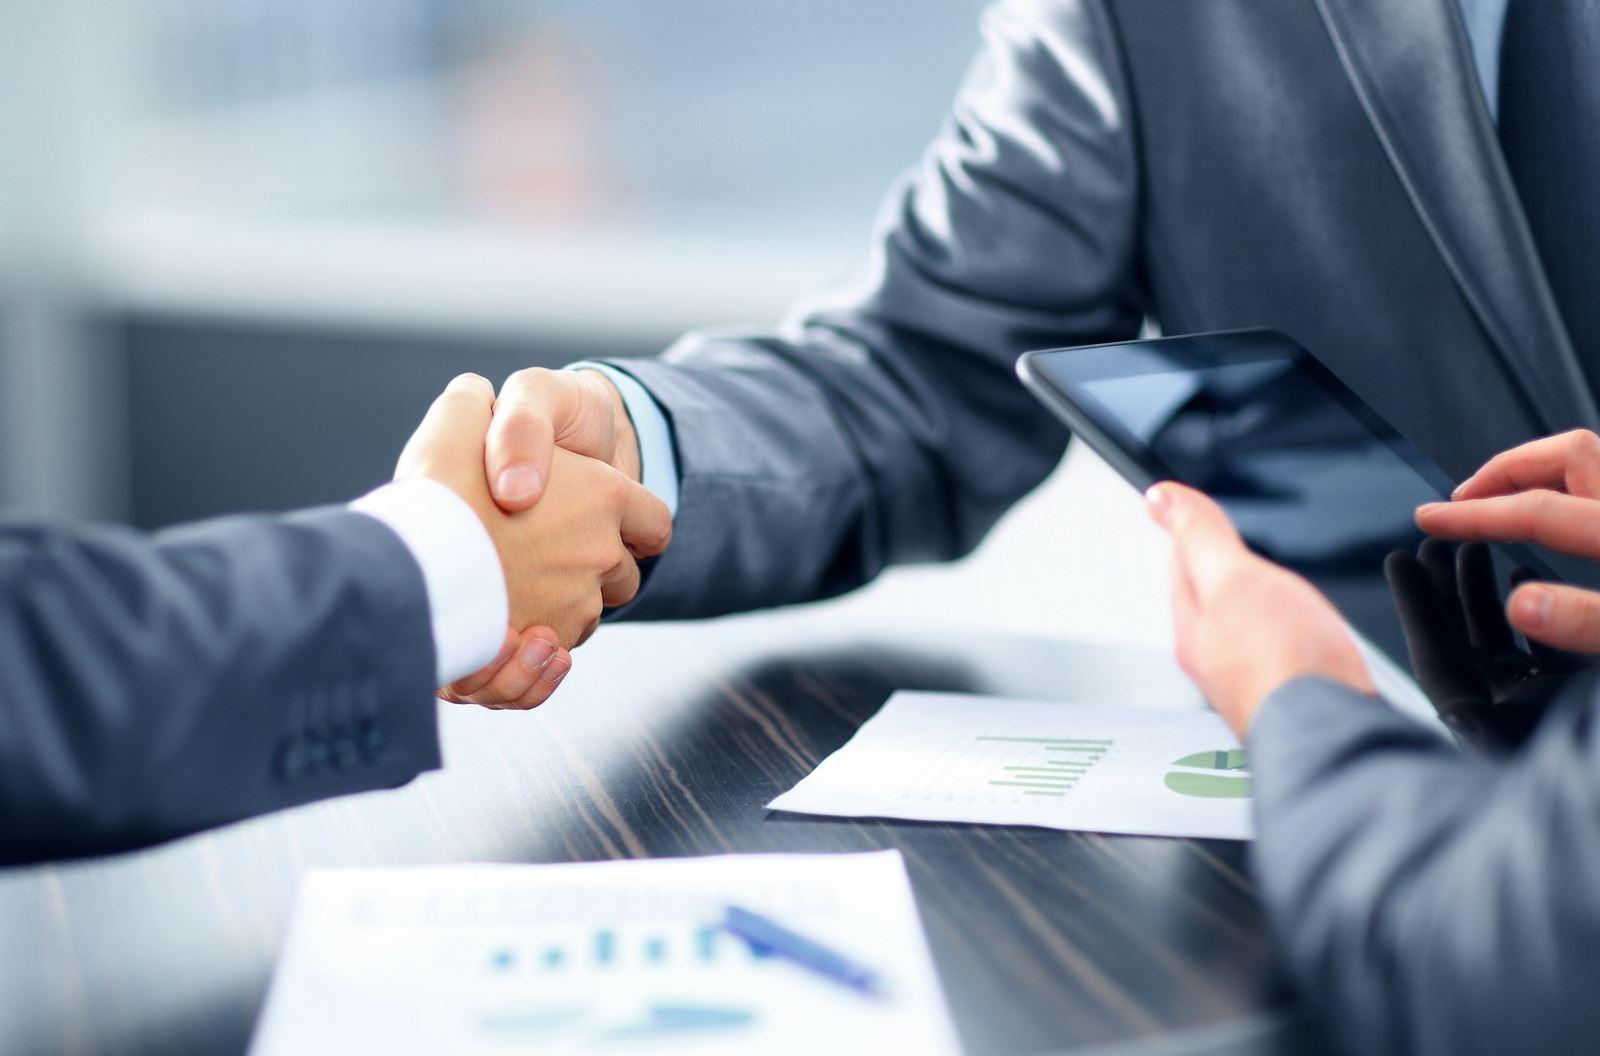 юридическое сопровождение сделки с коммерческой недвижимостью